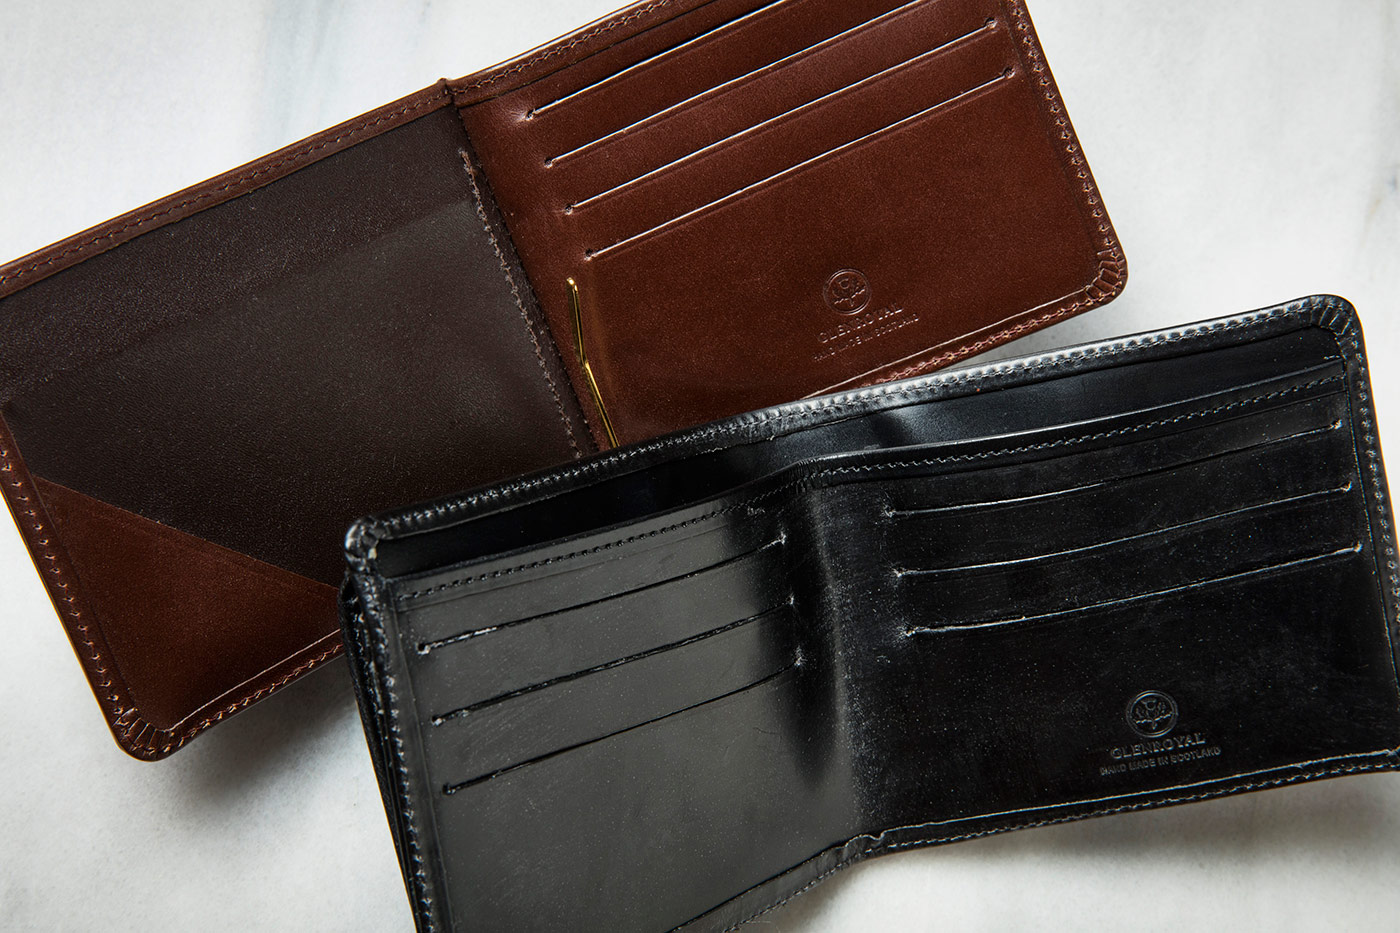 グレンロイヤルのマネークリップと二つ折り財布